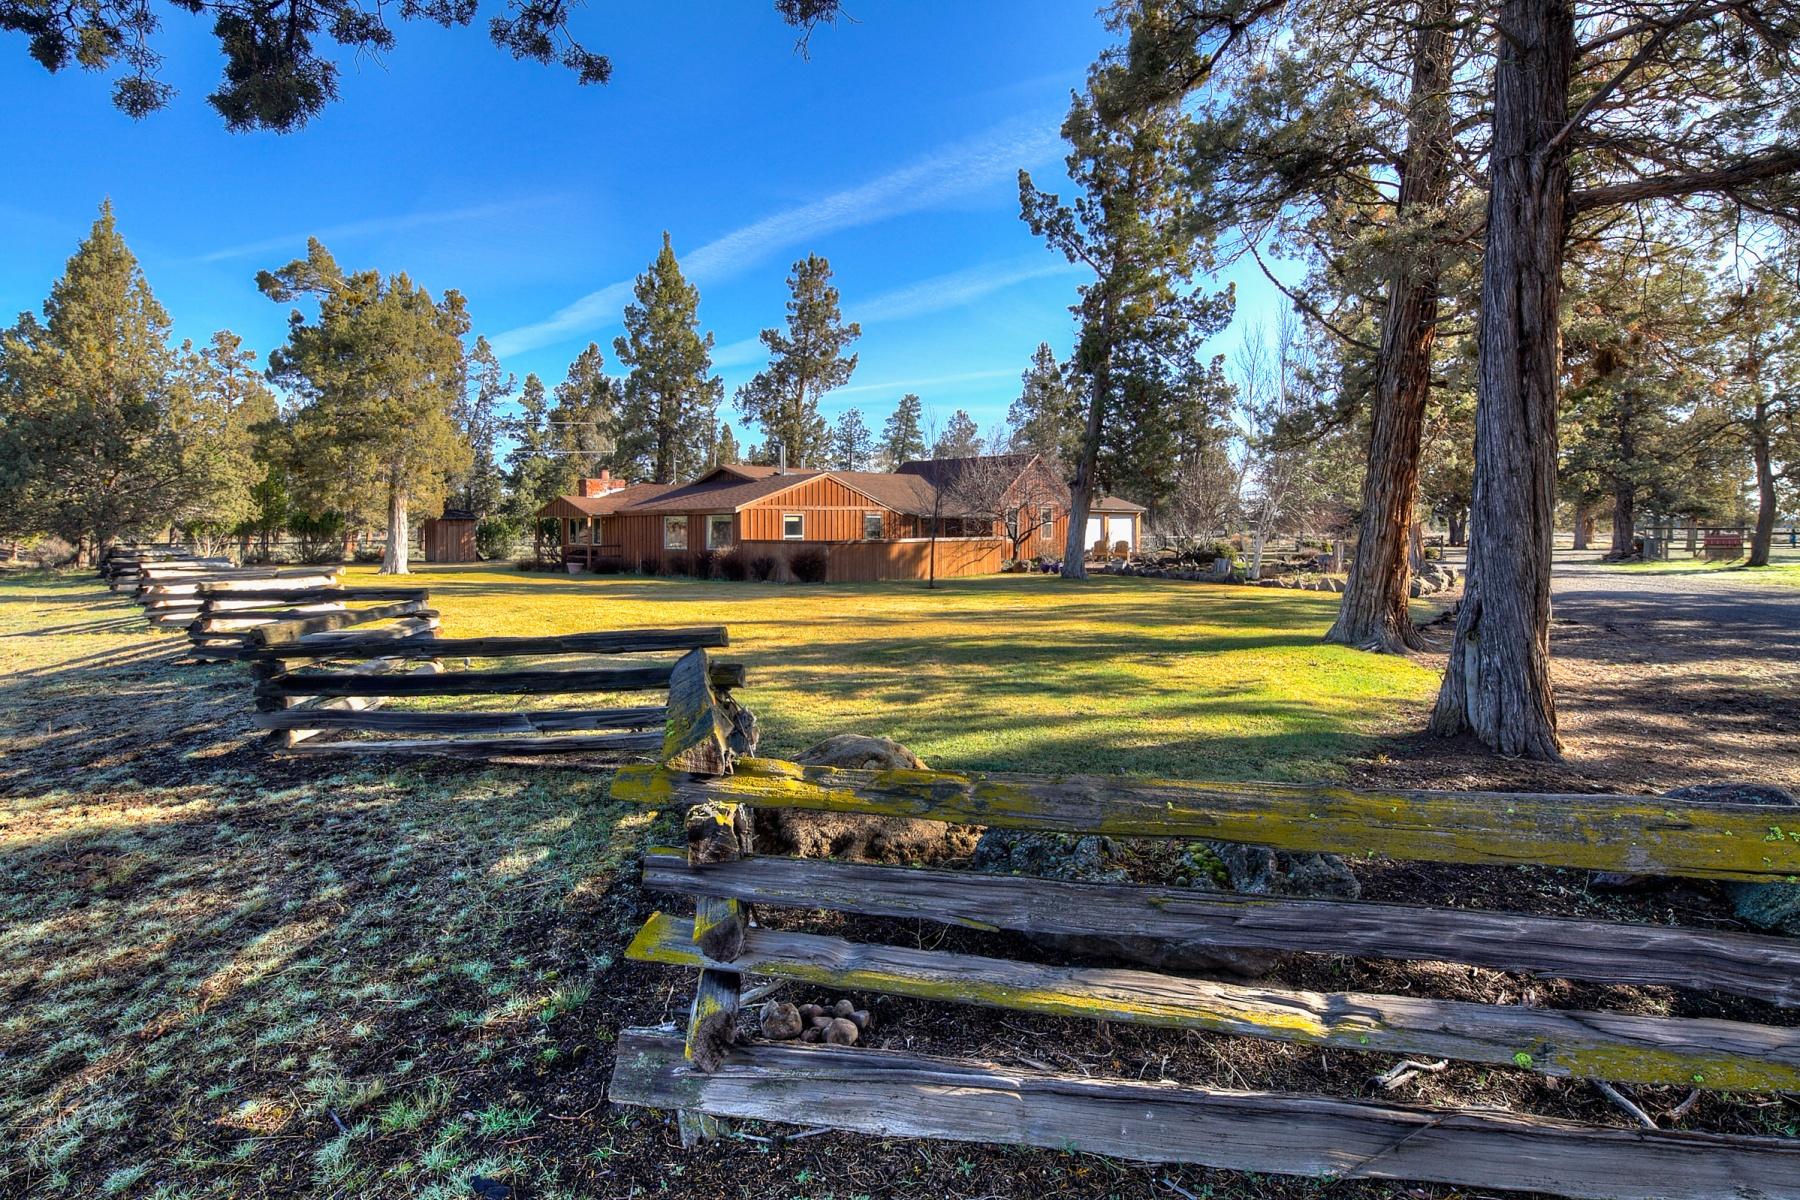 Casa Unifamiliar por un Venta en 67170 Gist Road 67170 Gist Rd Bend, Oregon 97701 Estados Unidos